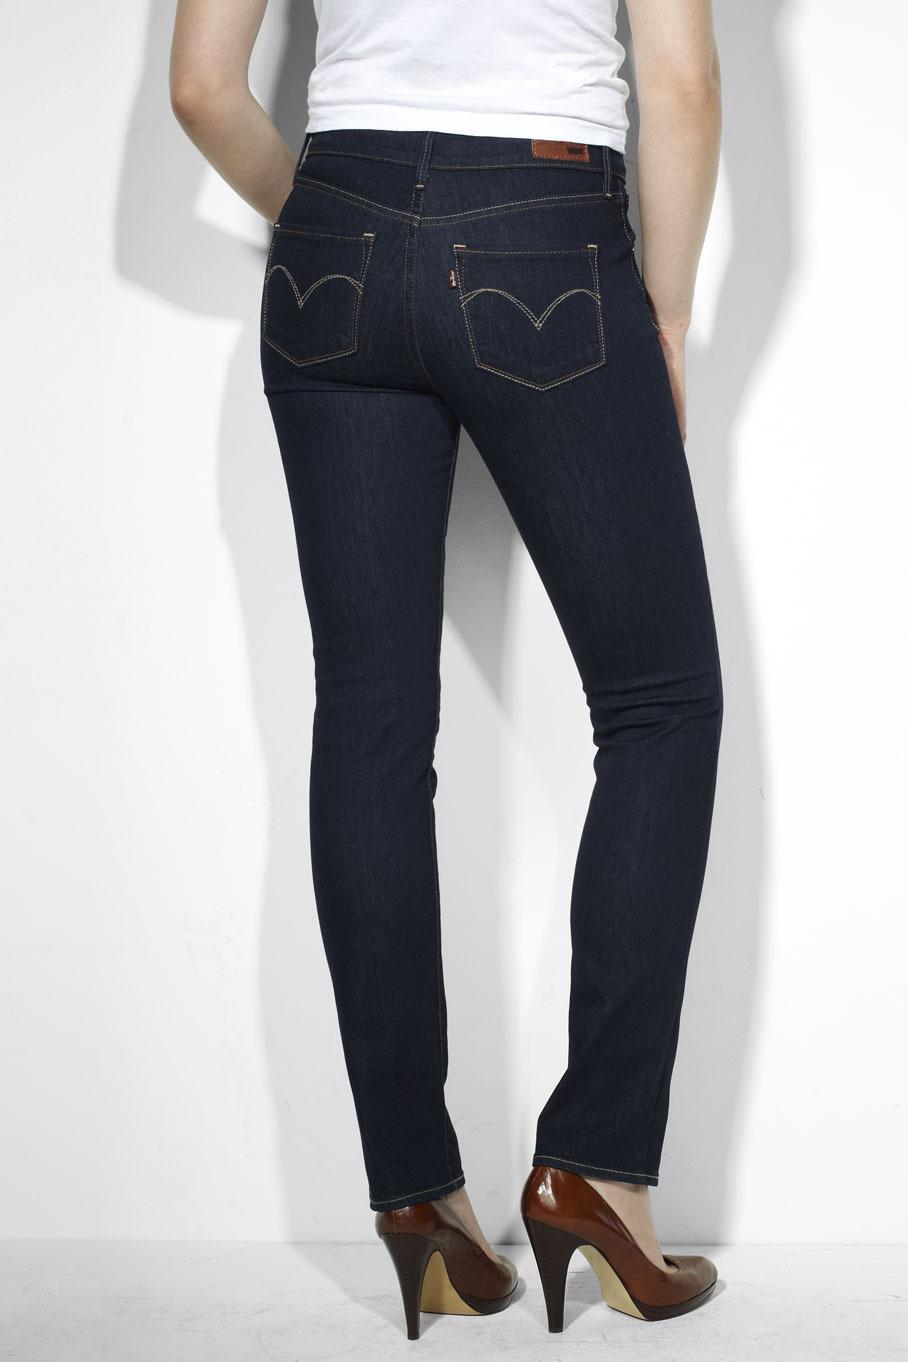 jeans levis slim. Black Bedroom Furniture Sets. Home Design Ideas